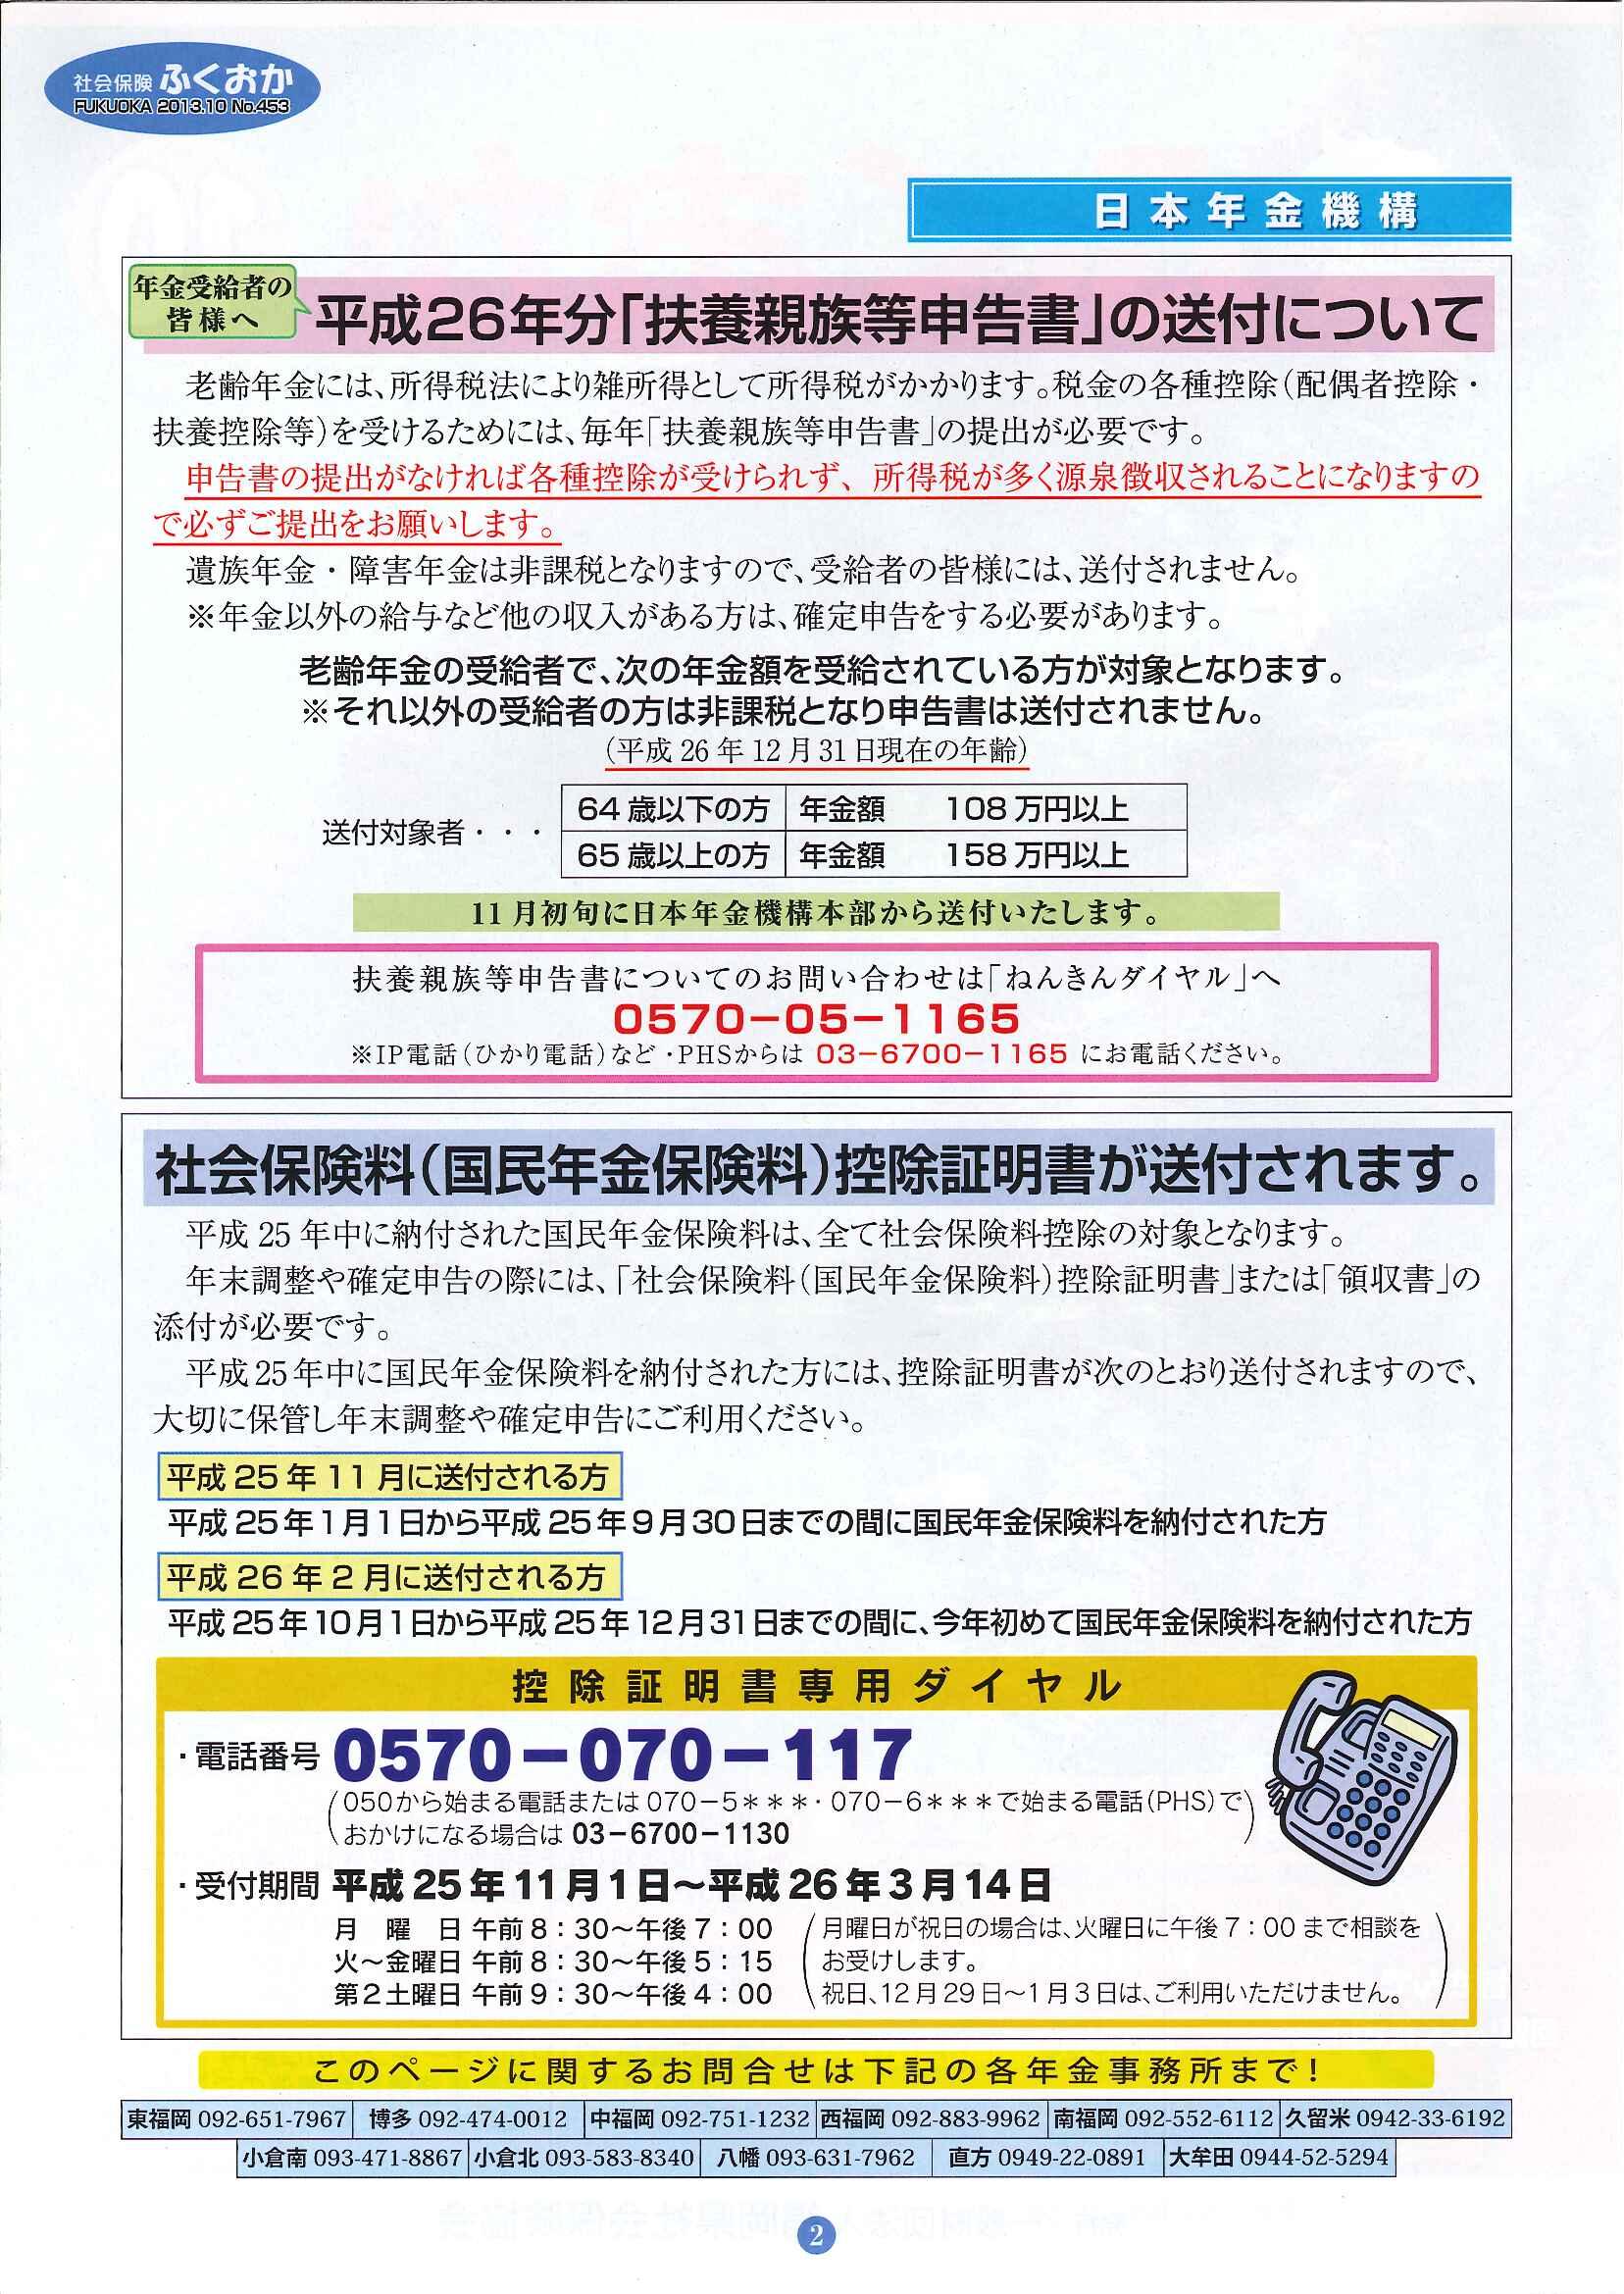 社会保険 ふくおか 2013年 10月号_f0120774_14595623.jpg